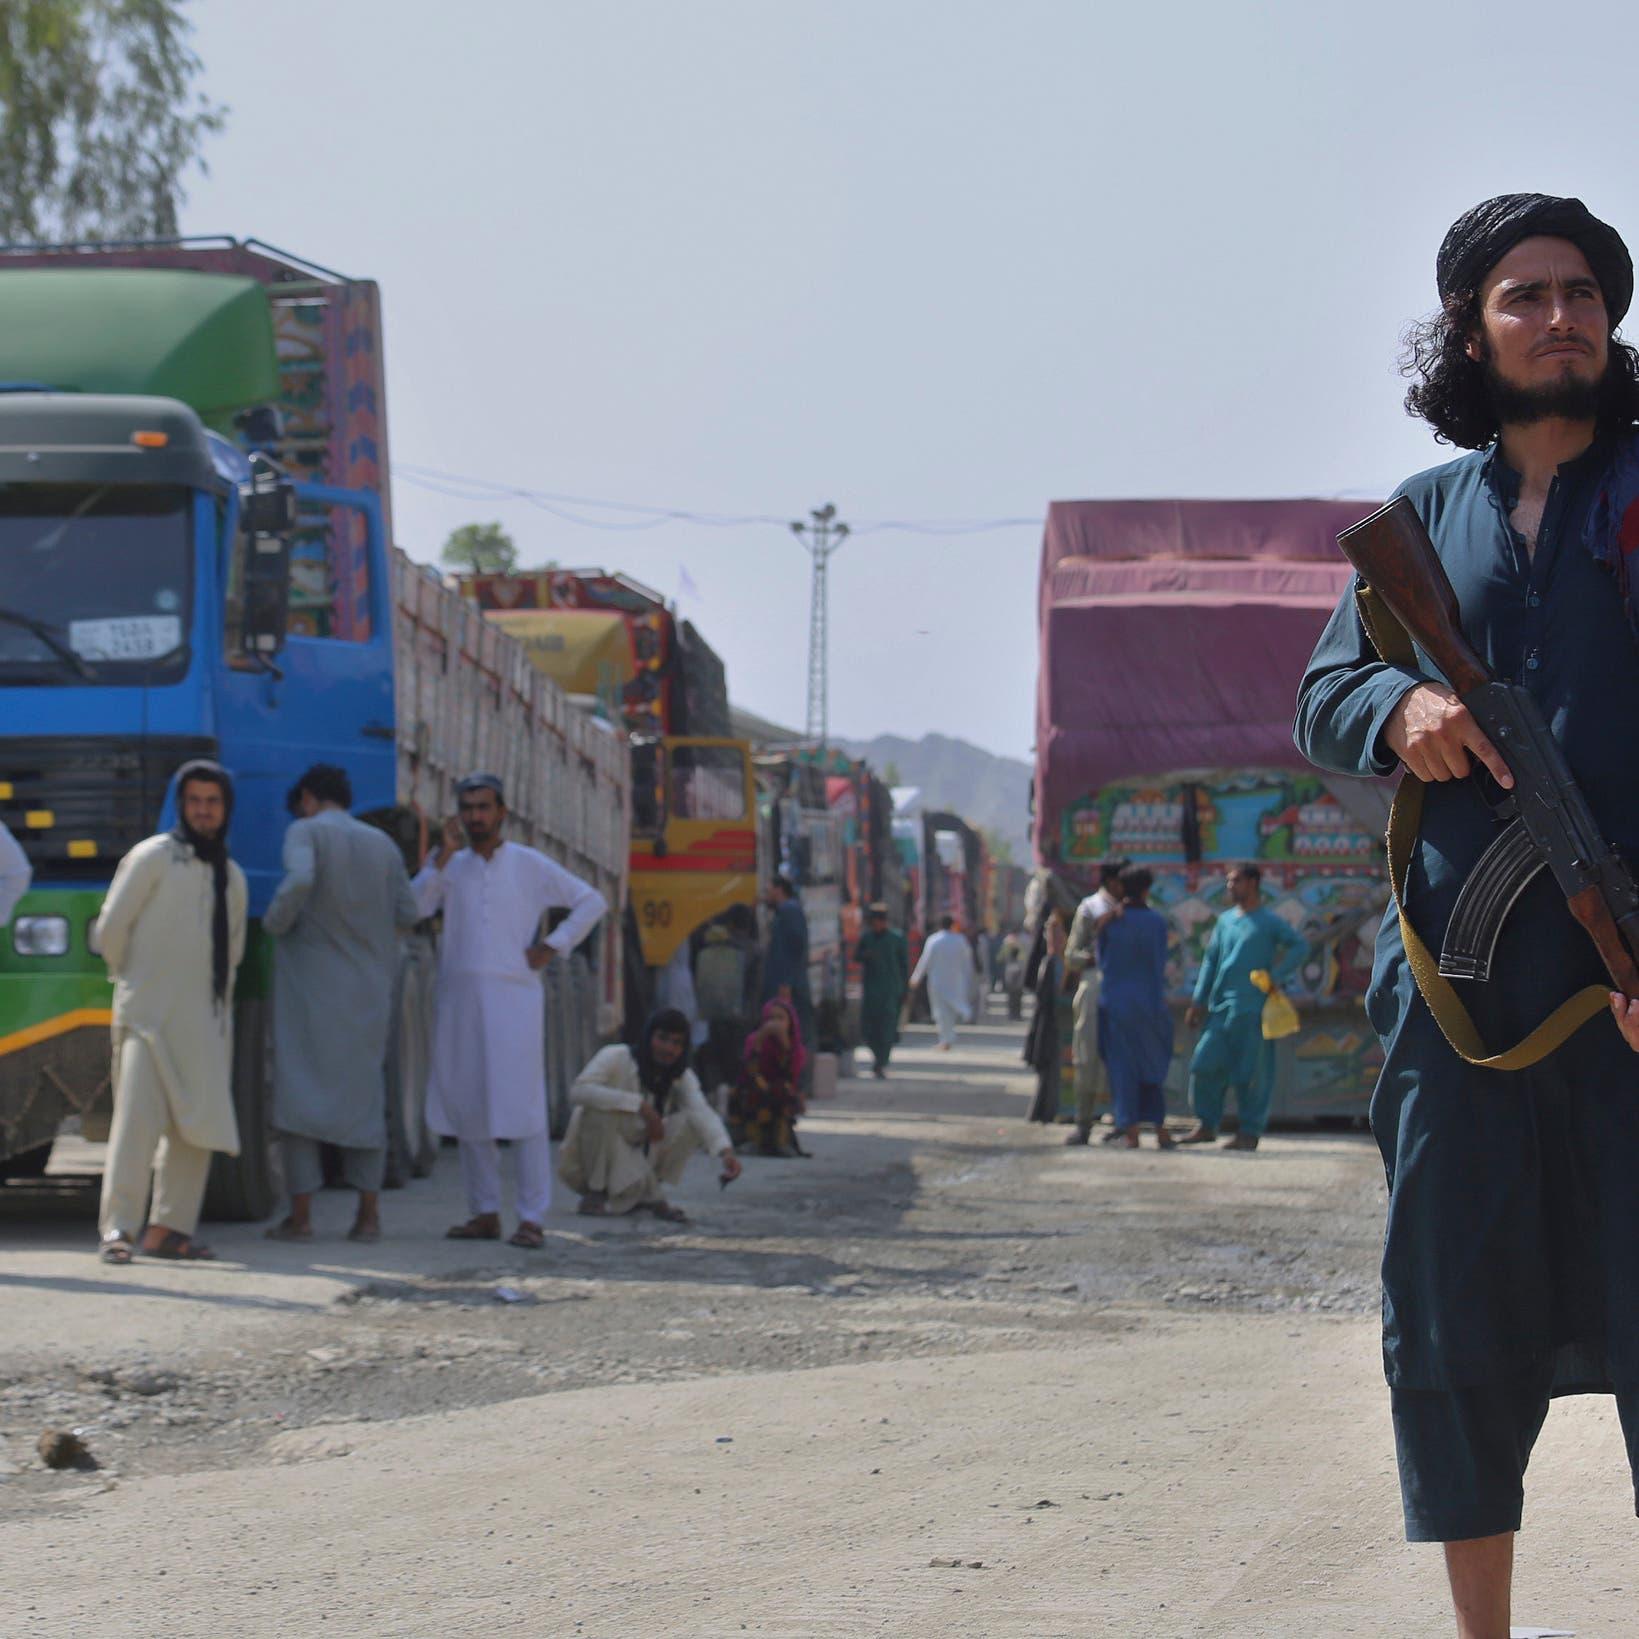 لبحث الحكومة المقبلة..زعماء أفغان مخضرمون يلتقون طالبان